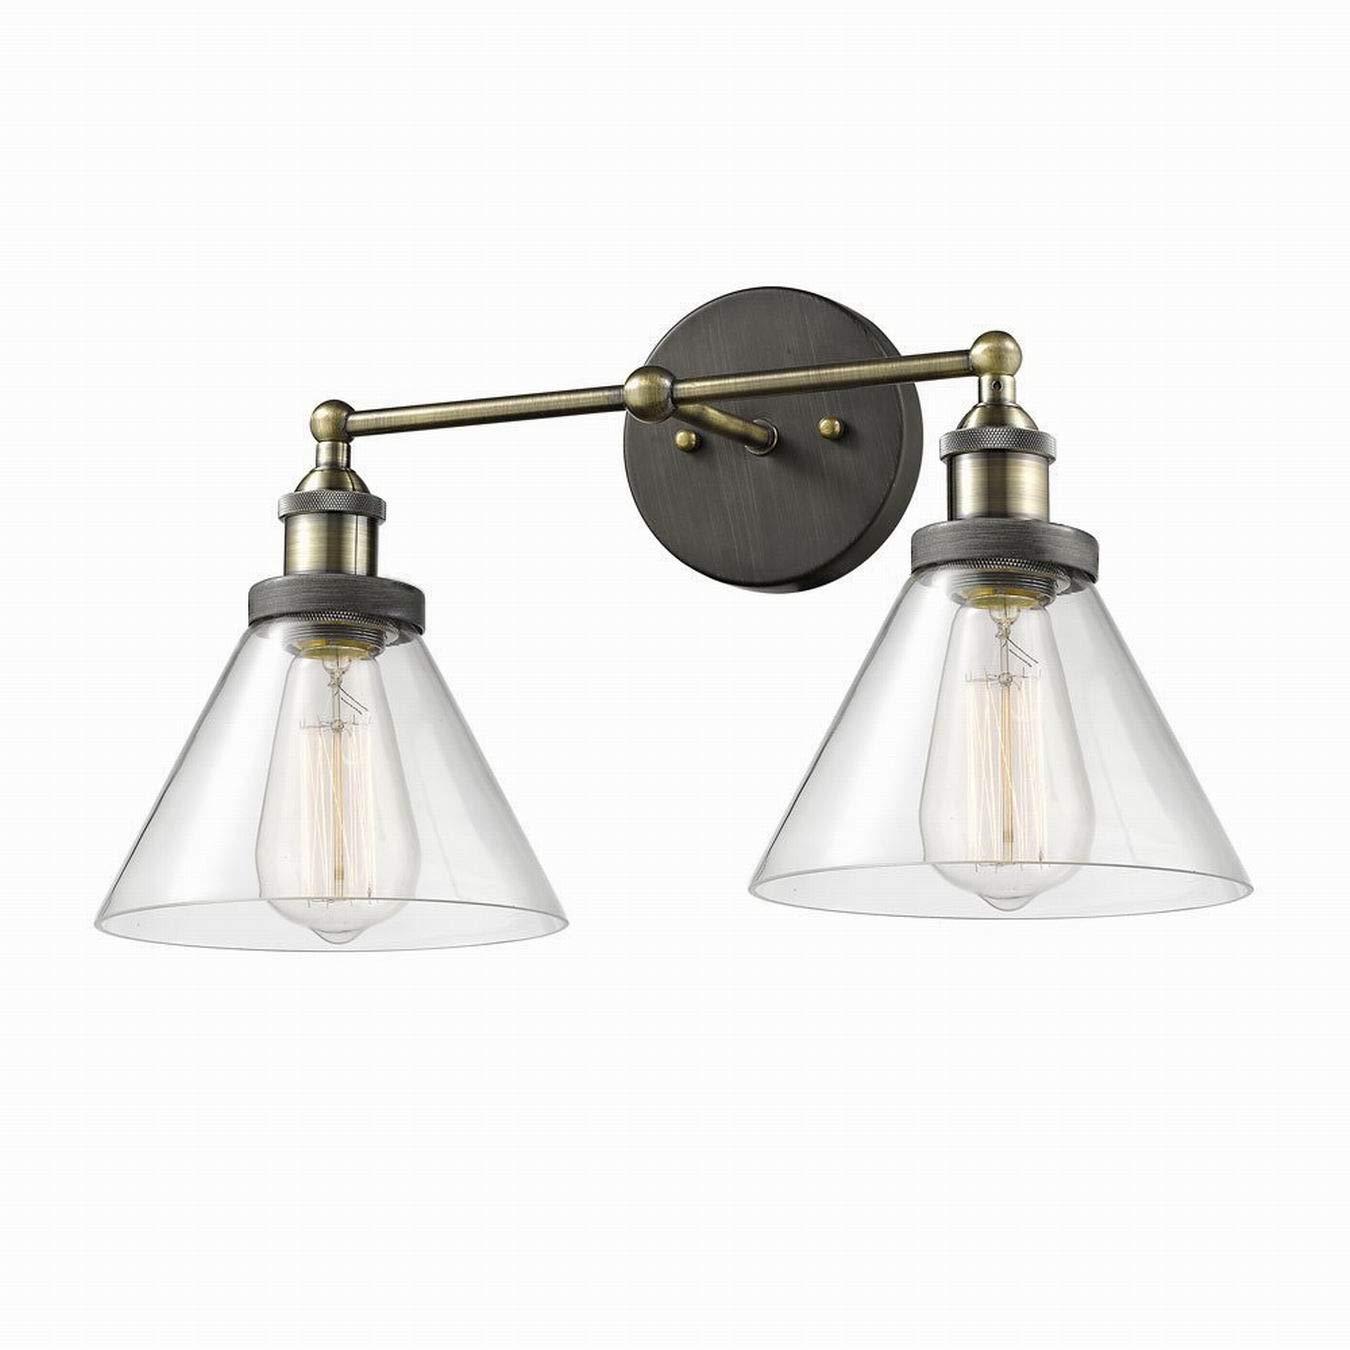 CLAXY Applique Murale Lampe Vintage en Verre LED lampe murale Luminaire Ré glable Lampe de Plafond DEUX USAGES